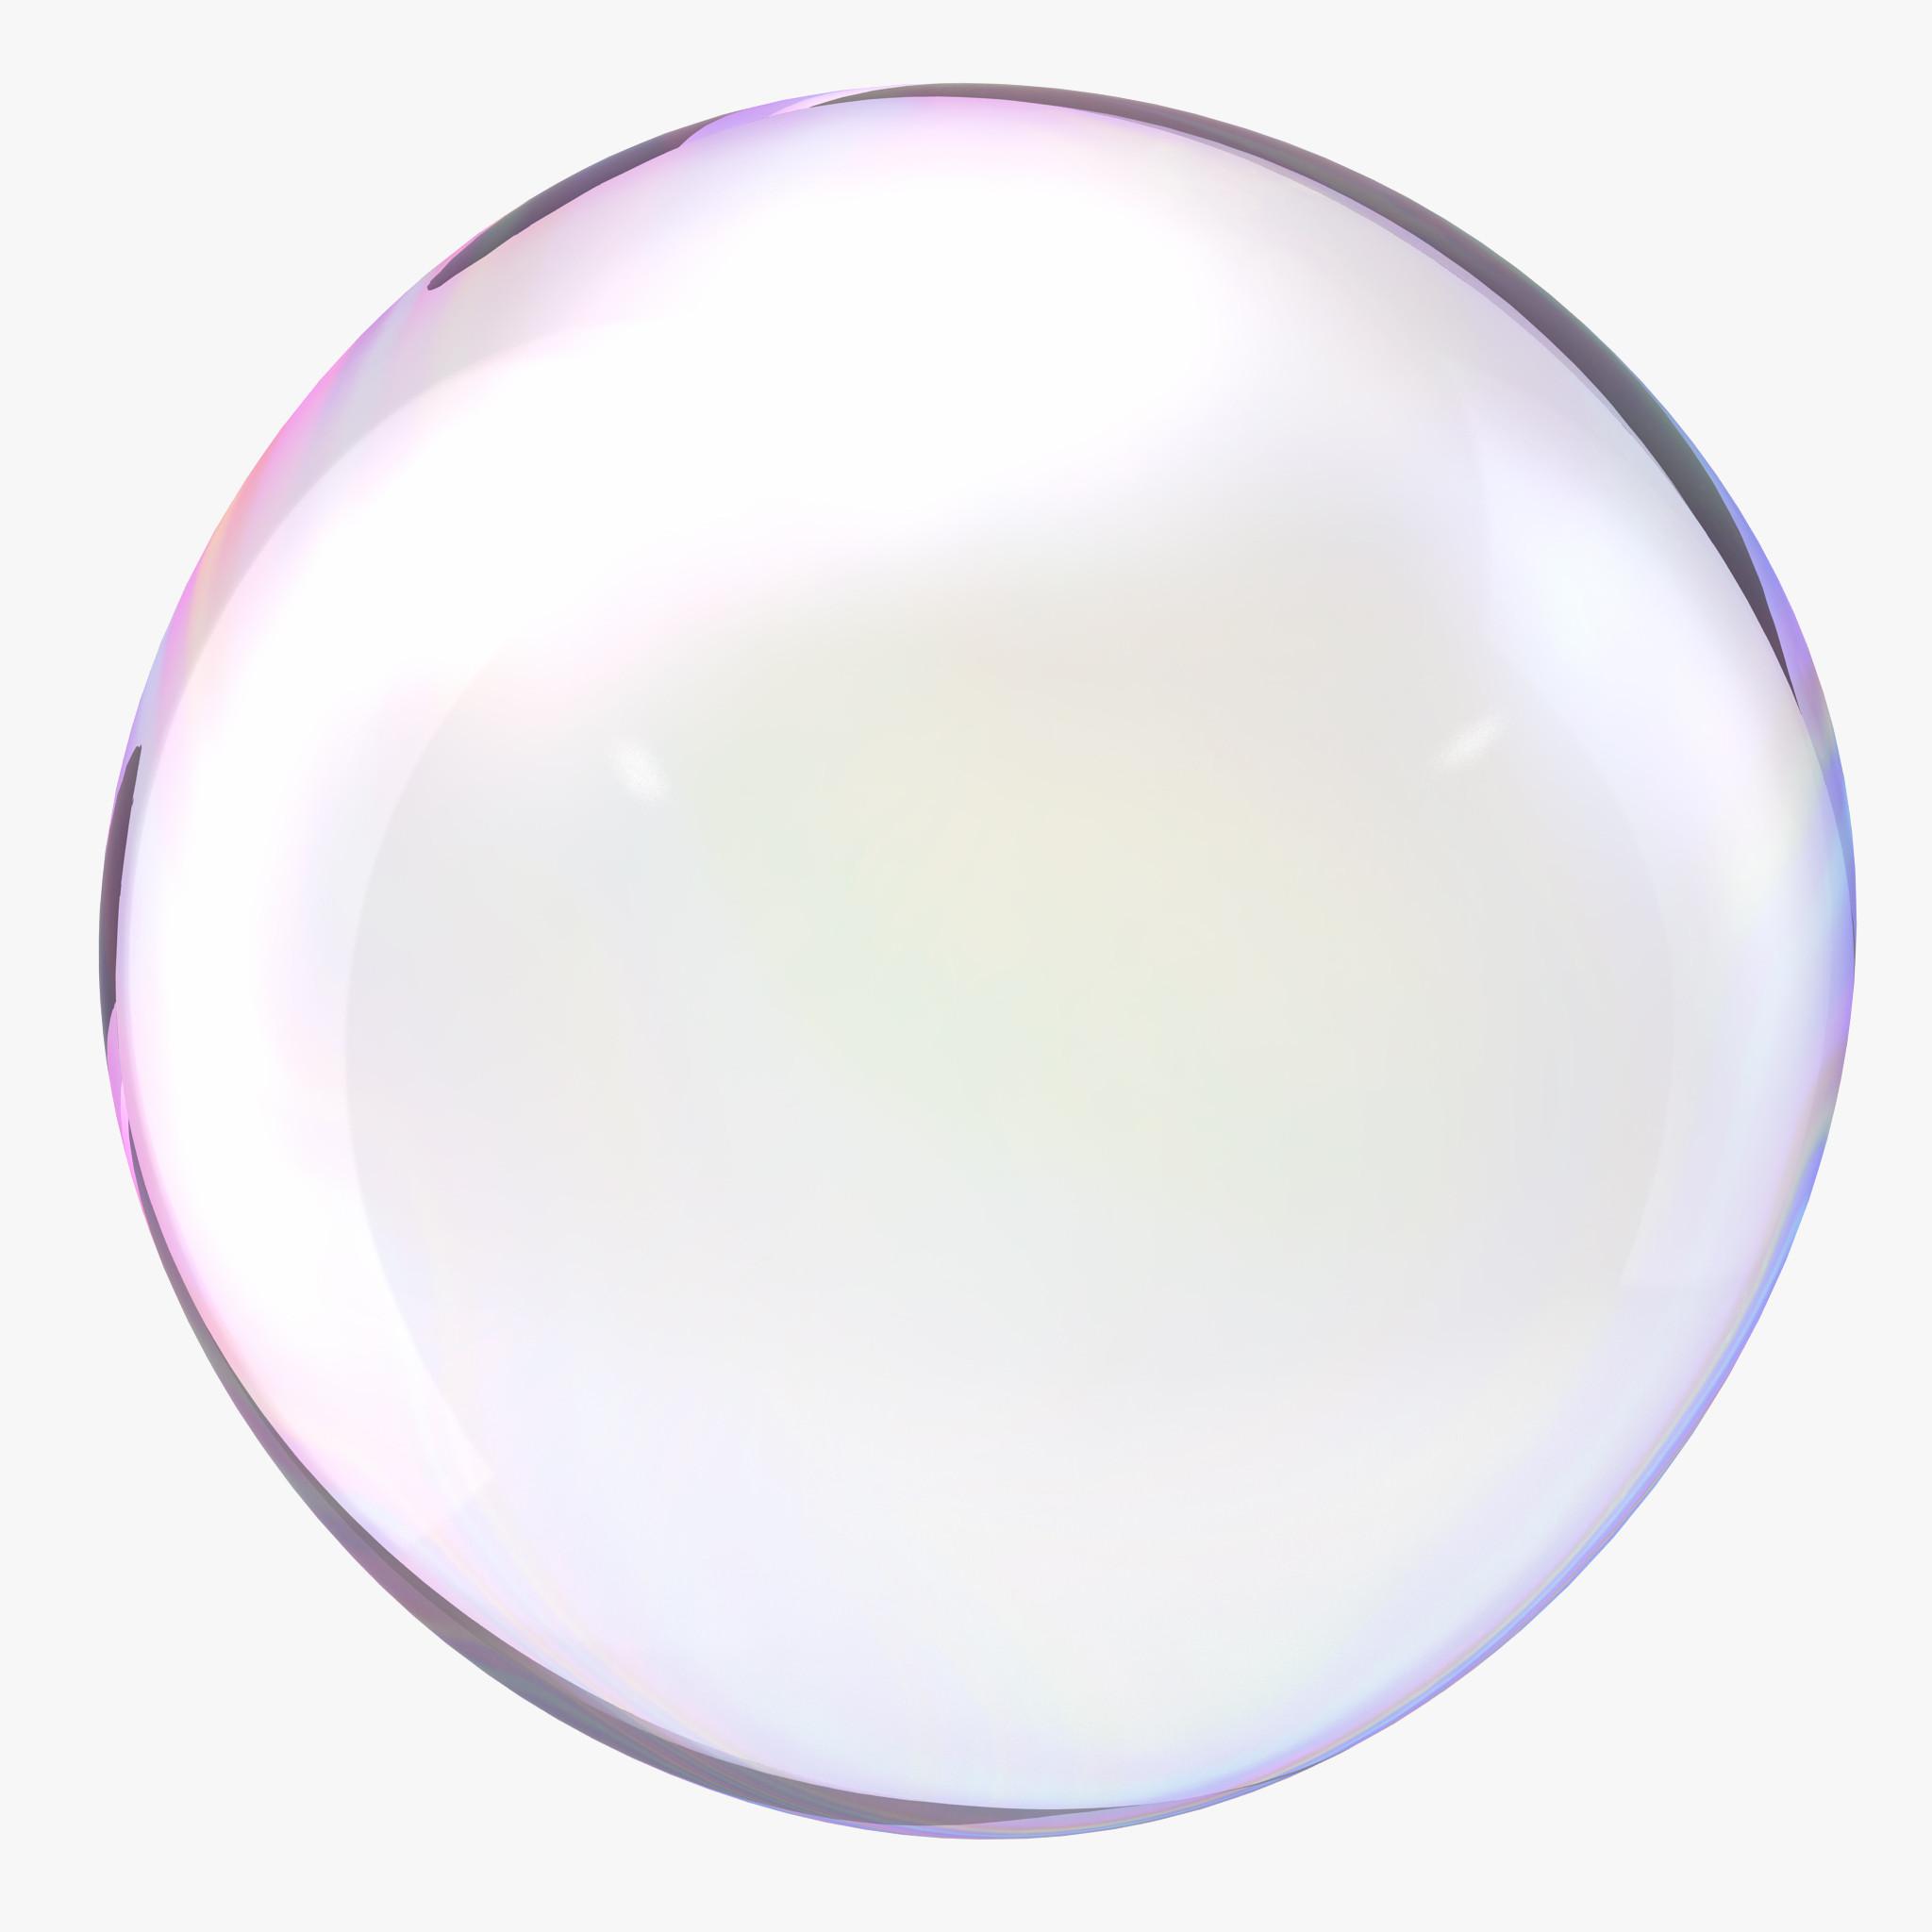 Bubbles PNG File - Soap Suds PNG